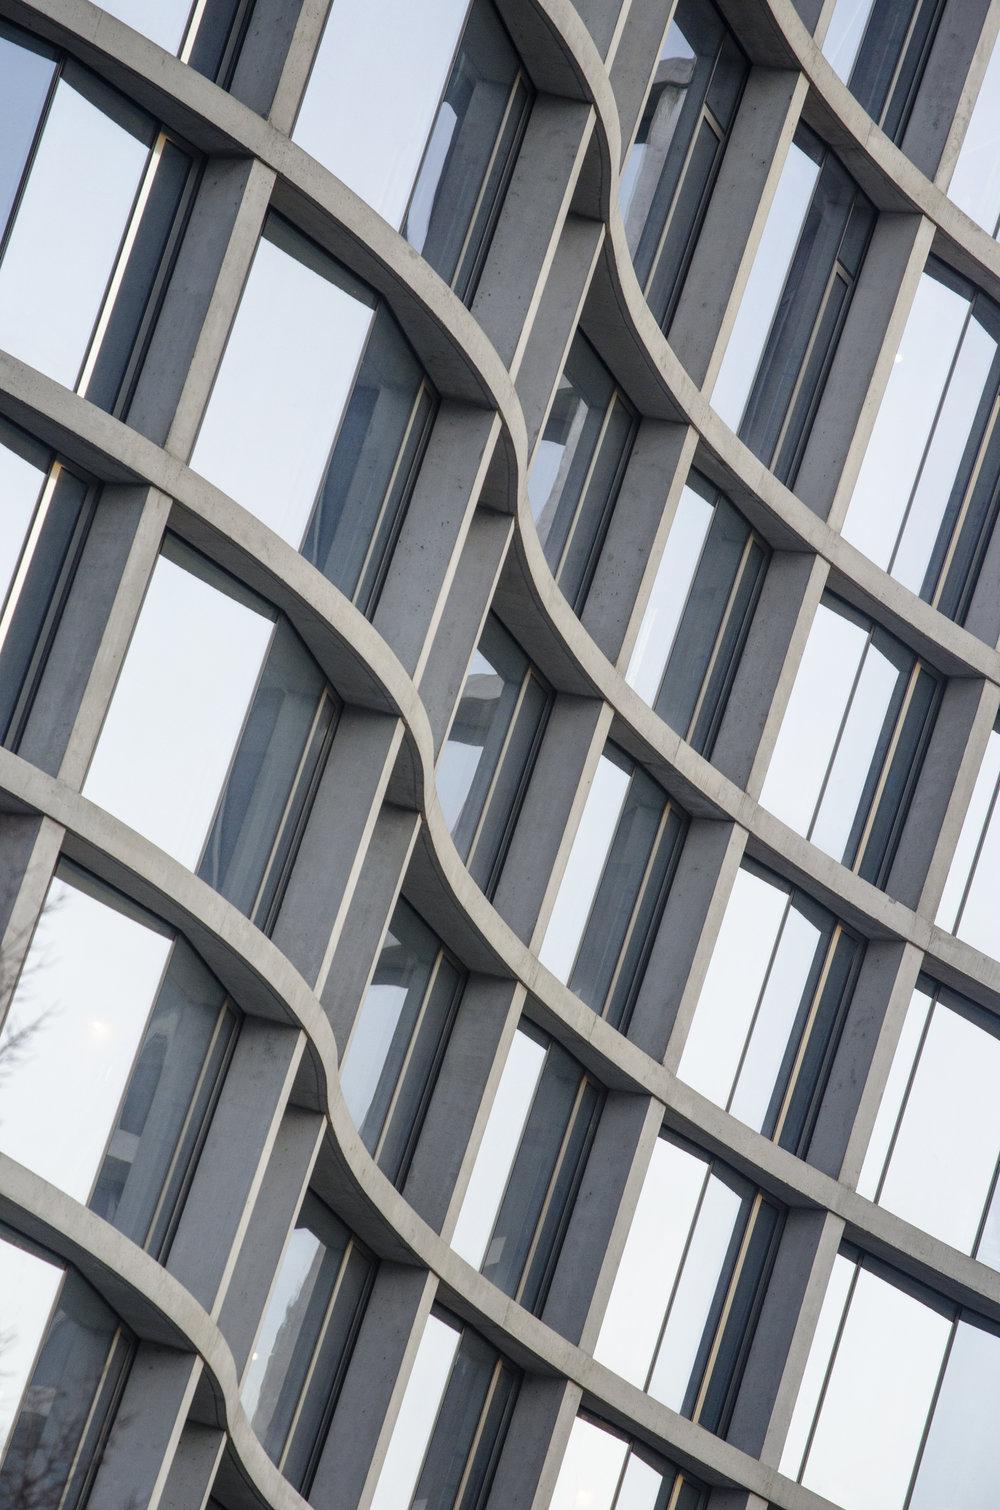 concrete-curves_26958455019_o.jpg